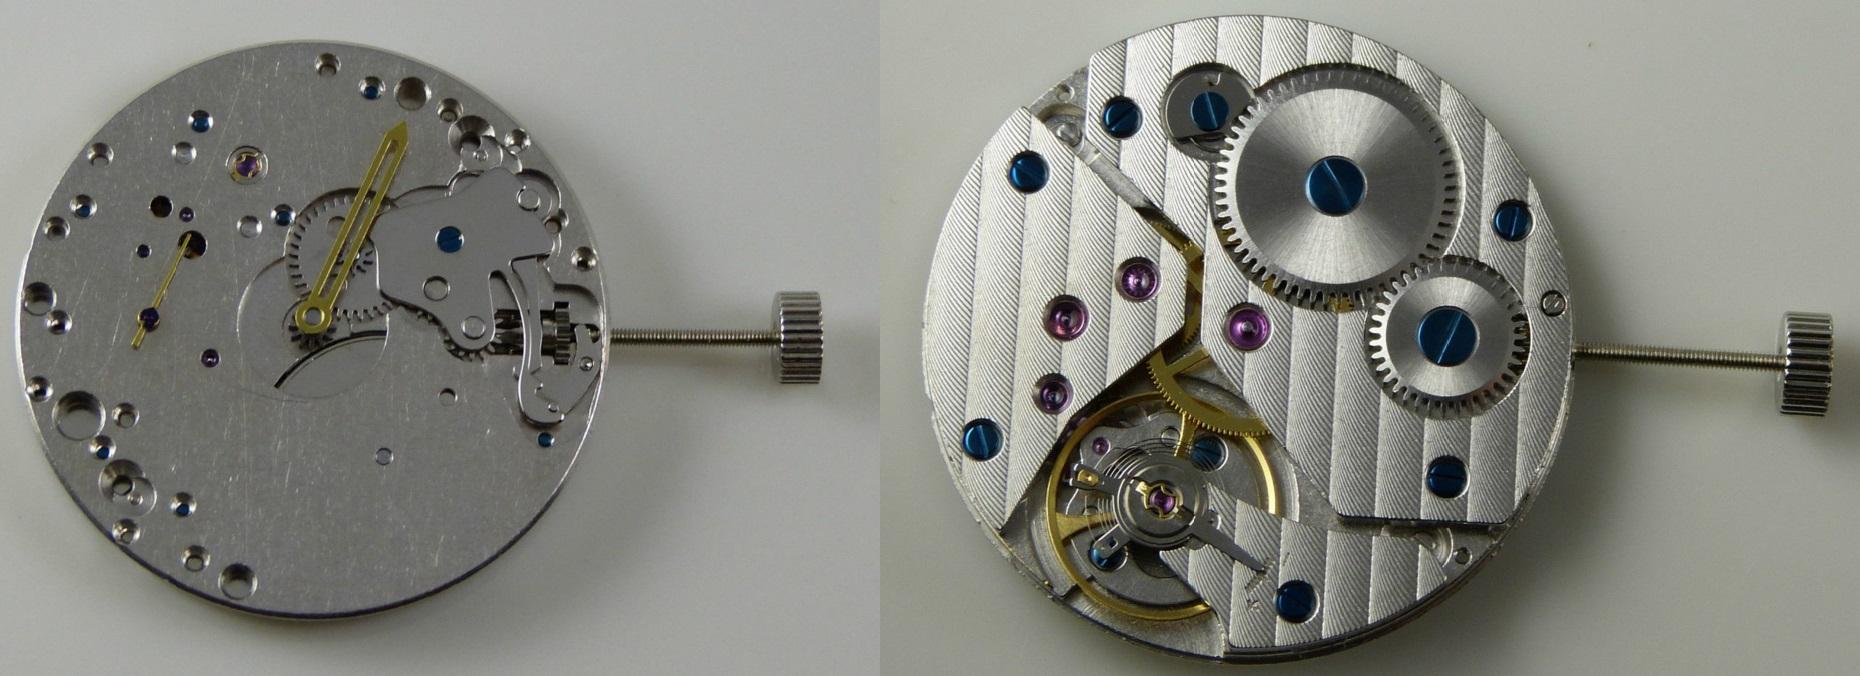 Cherche type de montre a mécanique apparente, mais pas skeleton 155651Capturedcran20160313185305